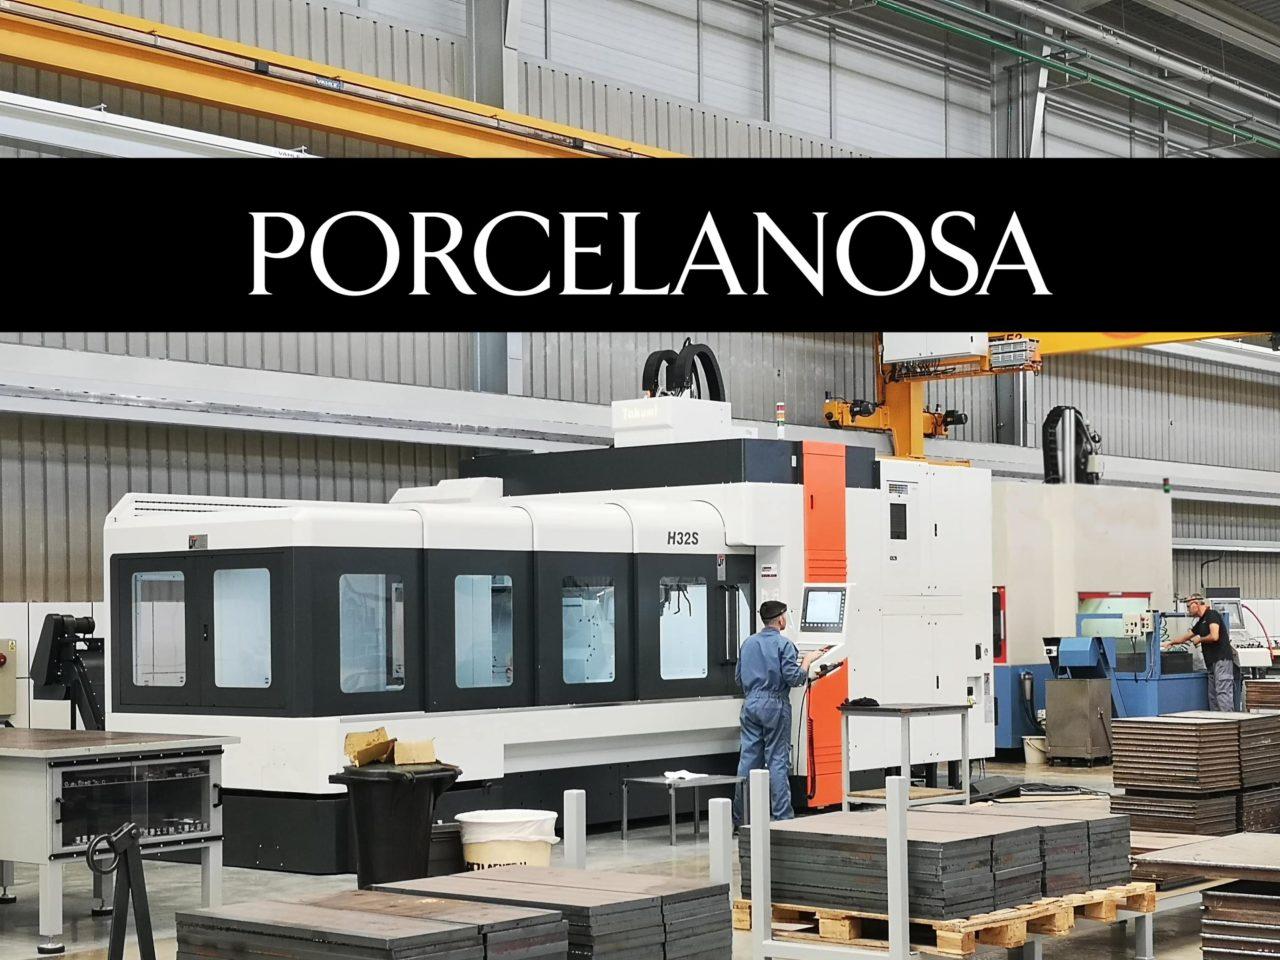 60cb40f6b9330-porcelanosa-caso-exito-ferrotall-copia-1280x960.jpg